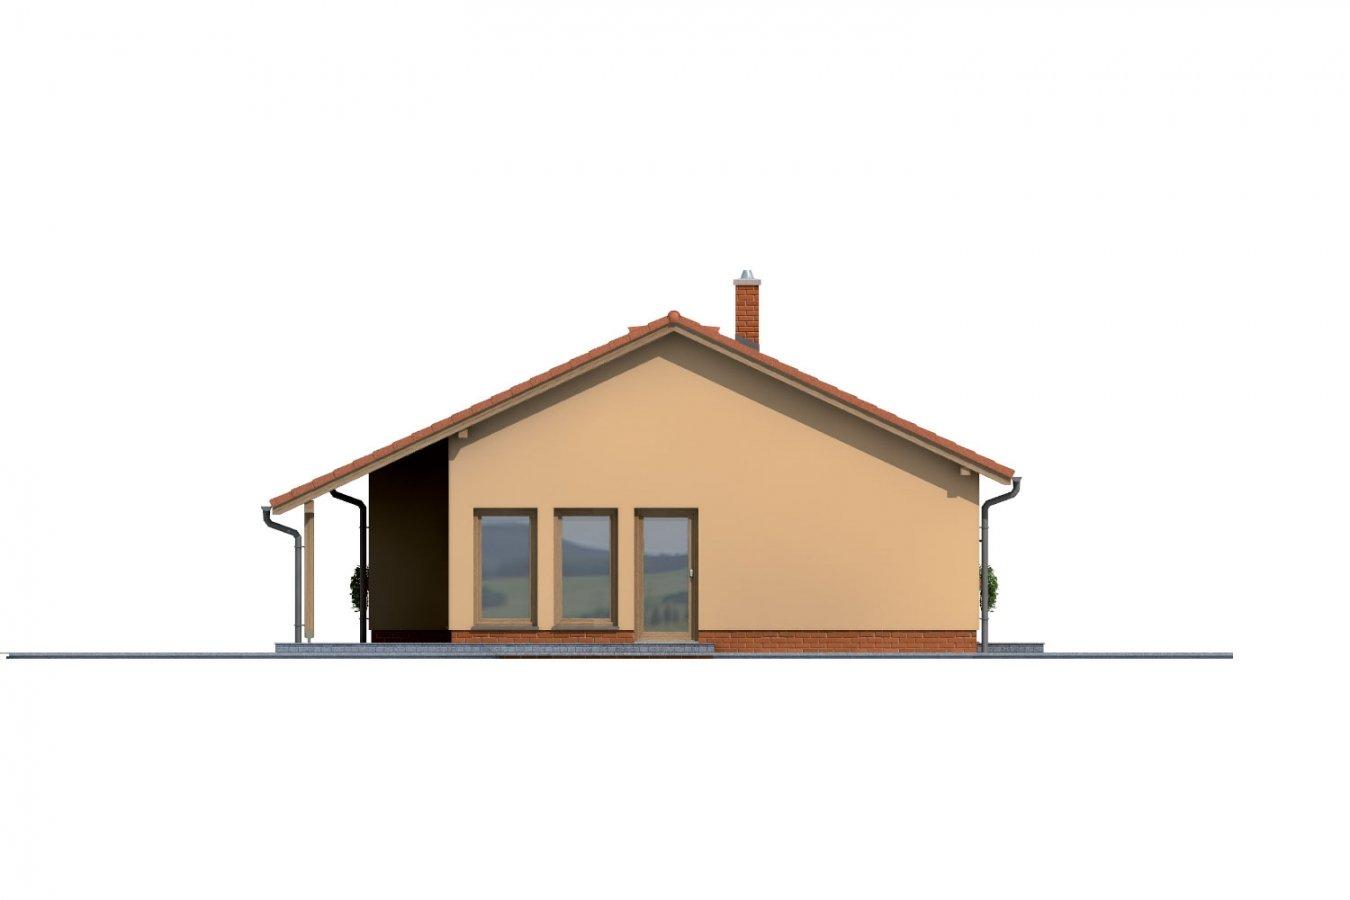 Pohľad 2. - Úzky rodinný dom s garážou.